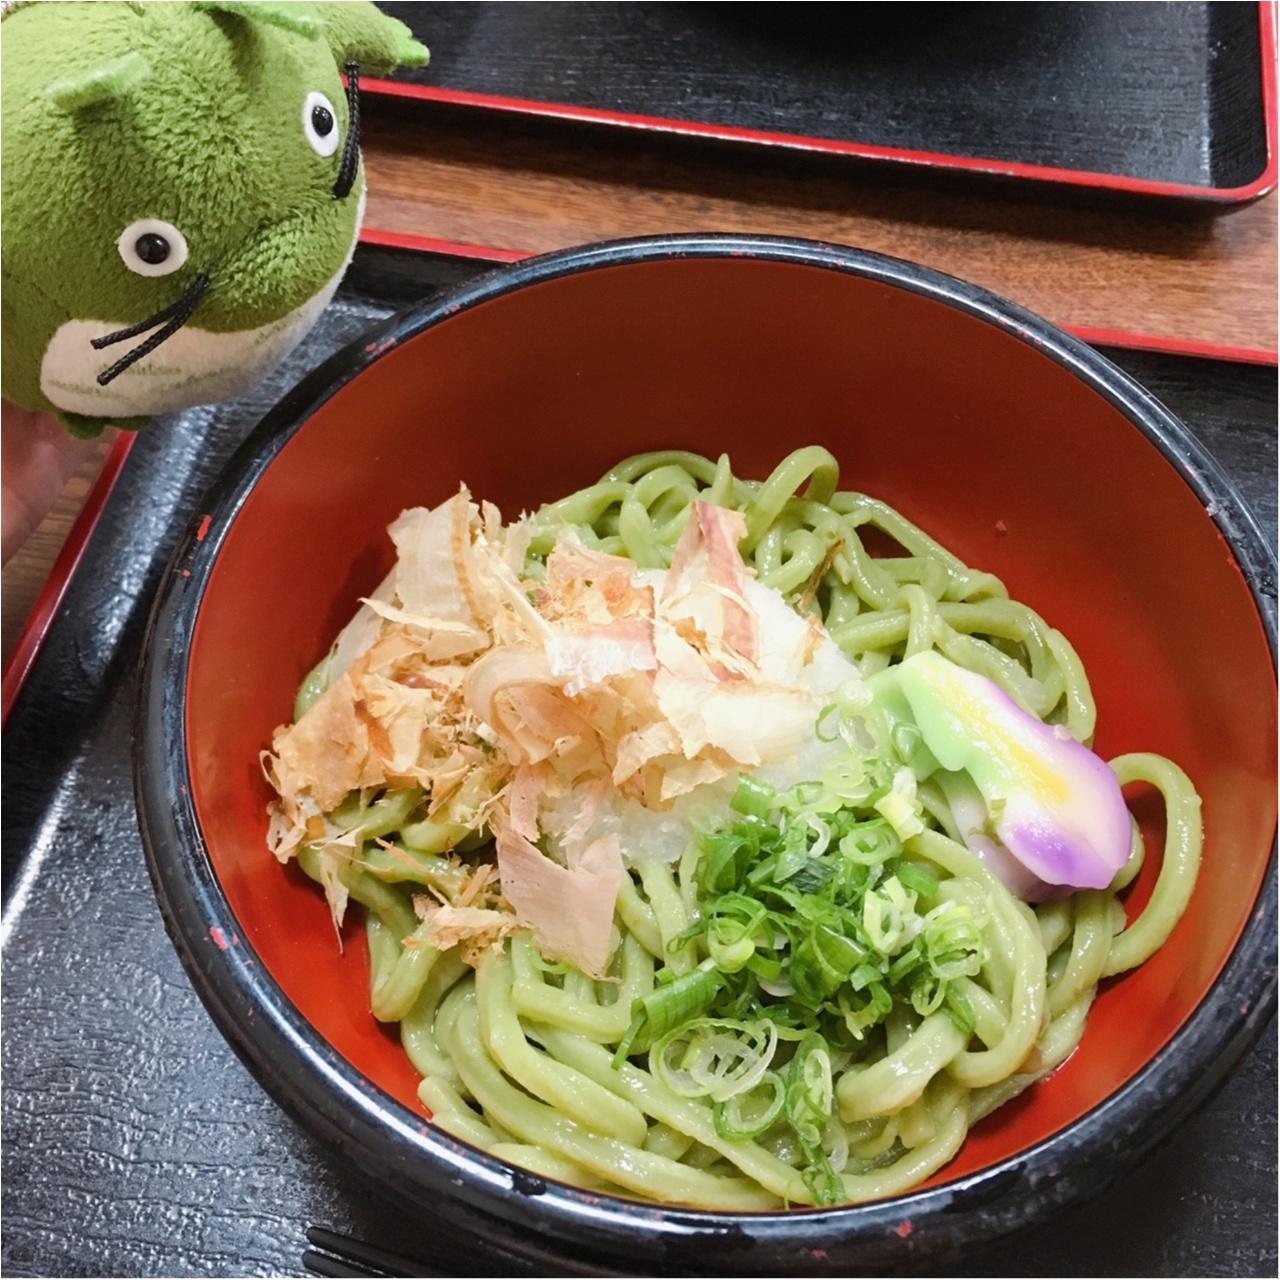 京都宇治に行ったら『茶うどん』を食べるべし!_1